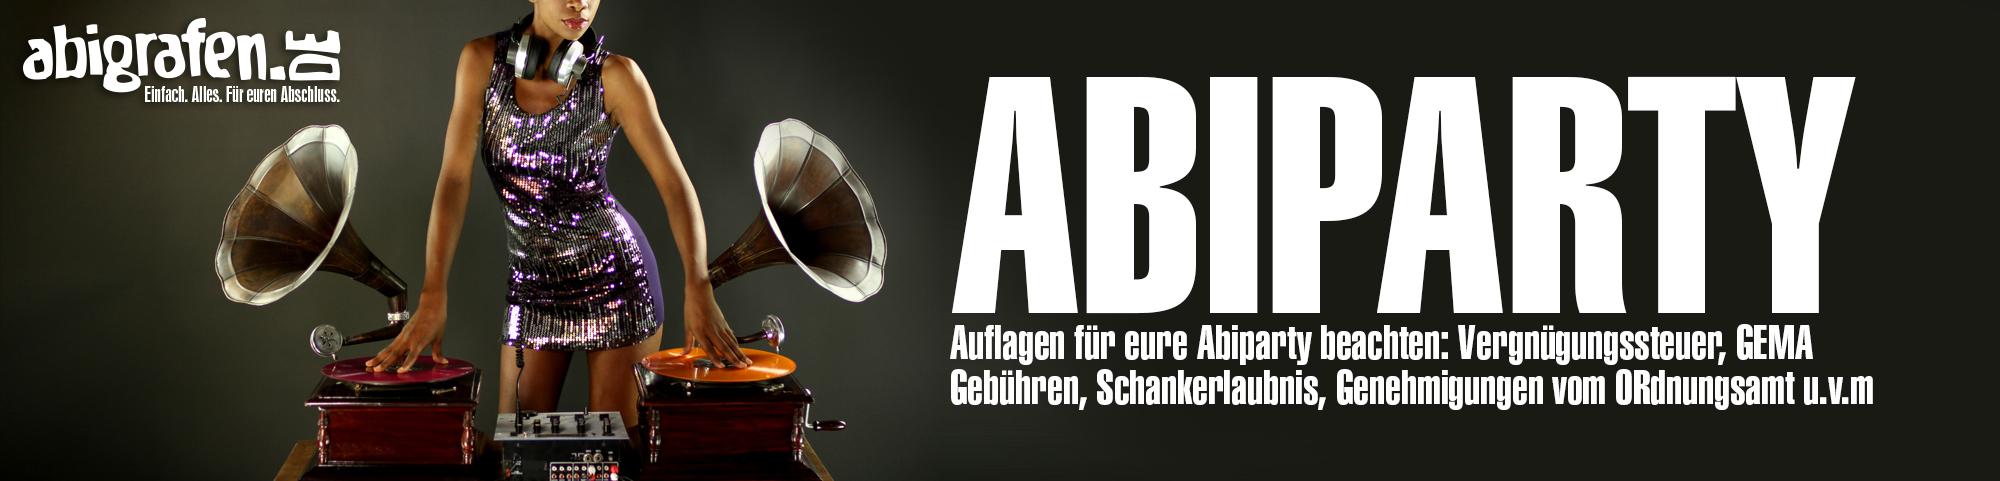 Informationen zu Abi Party Auflagen & Genhemigungen